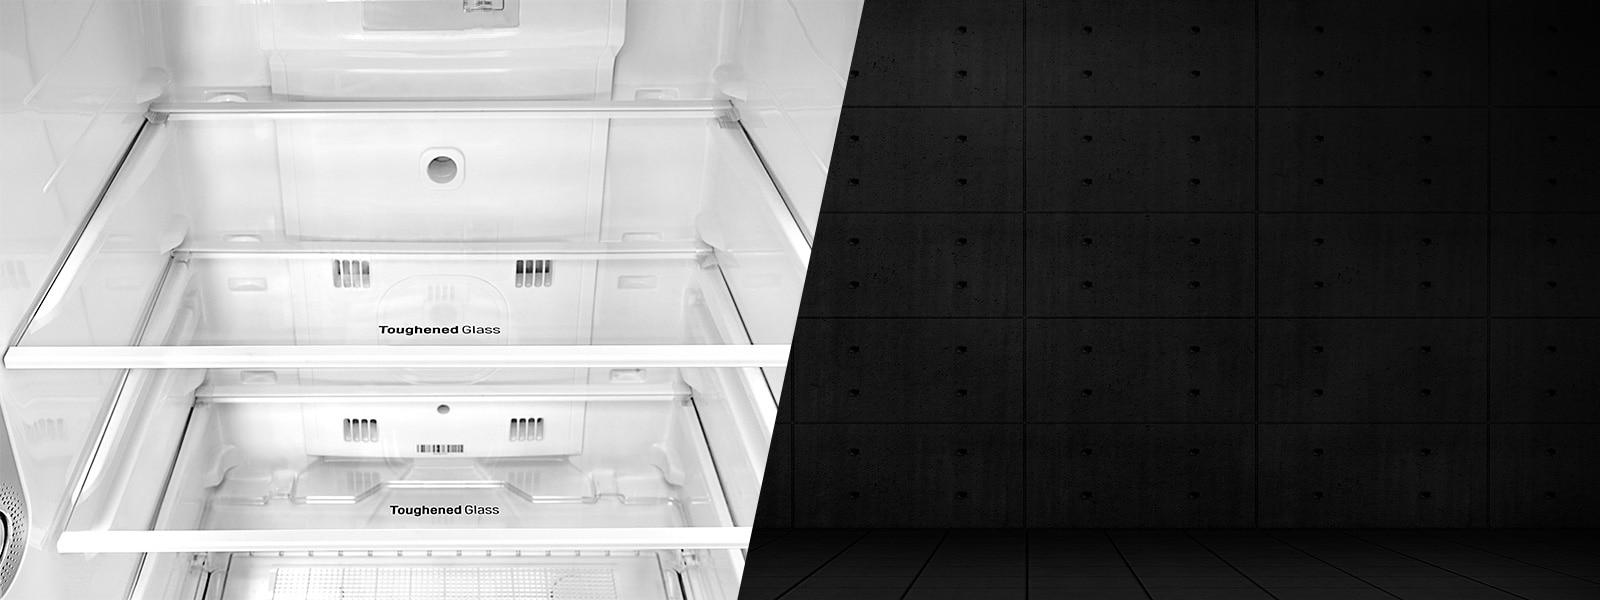 LG GL-T502FPZ3 471 Ltr Toughened Glass Shelves